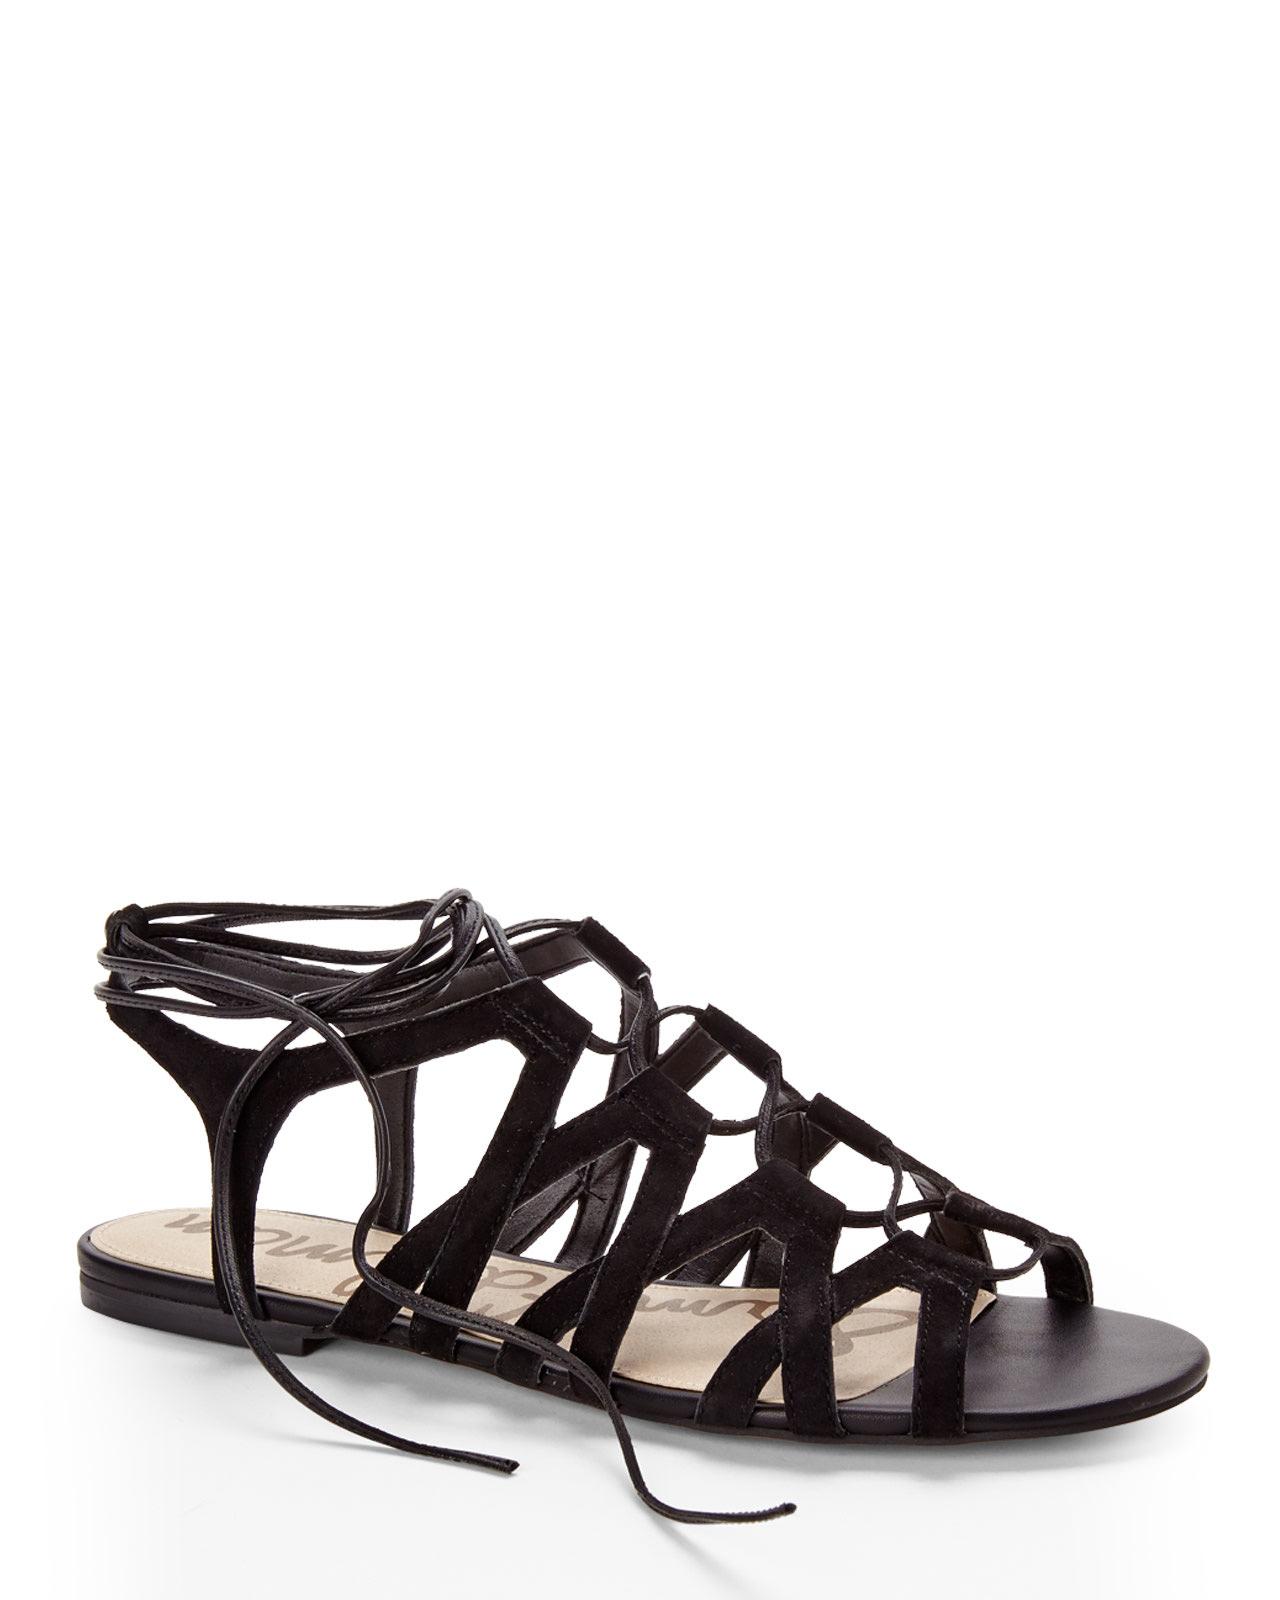 a4528a6a65c3a Lyst - Sam Edelman Black Boyden Gladiator Sandals in Black